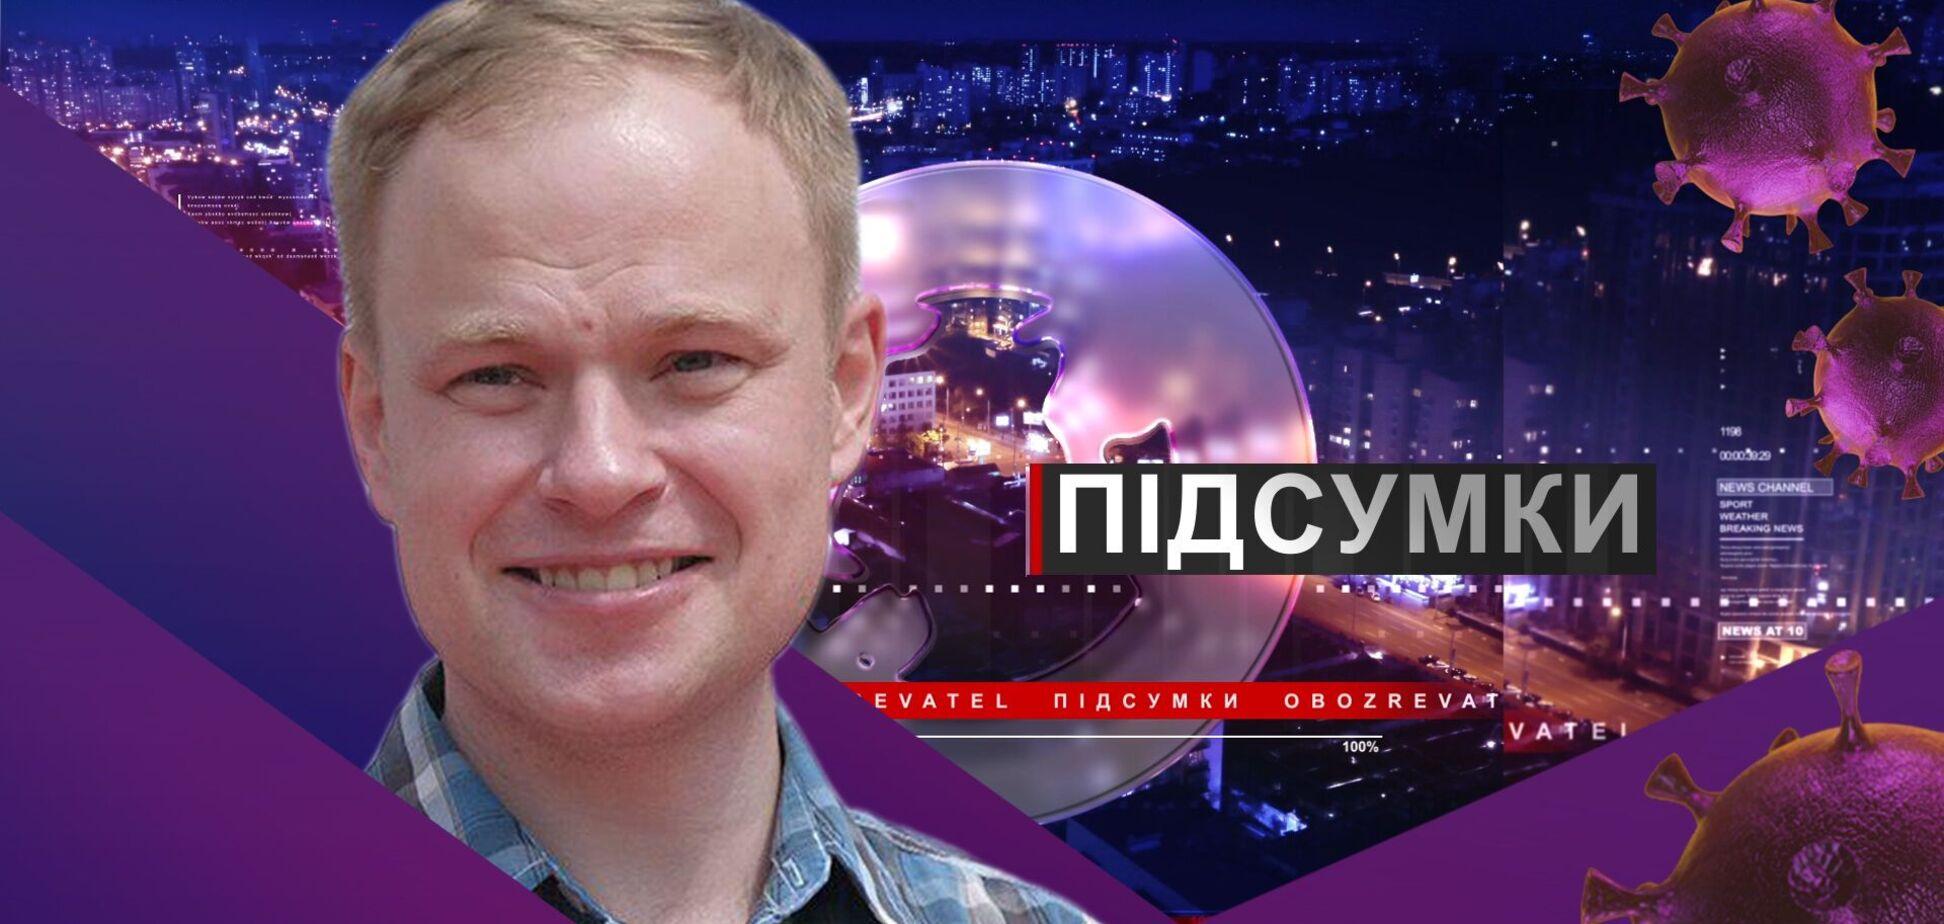 В 'Голосе' оценили выступление Зеленского как противоречивое и заявили о пиаре